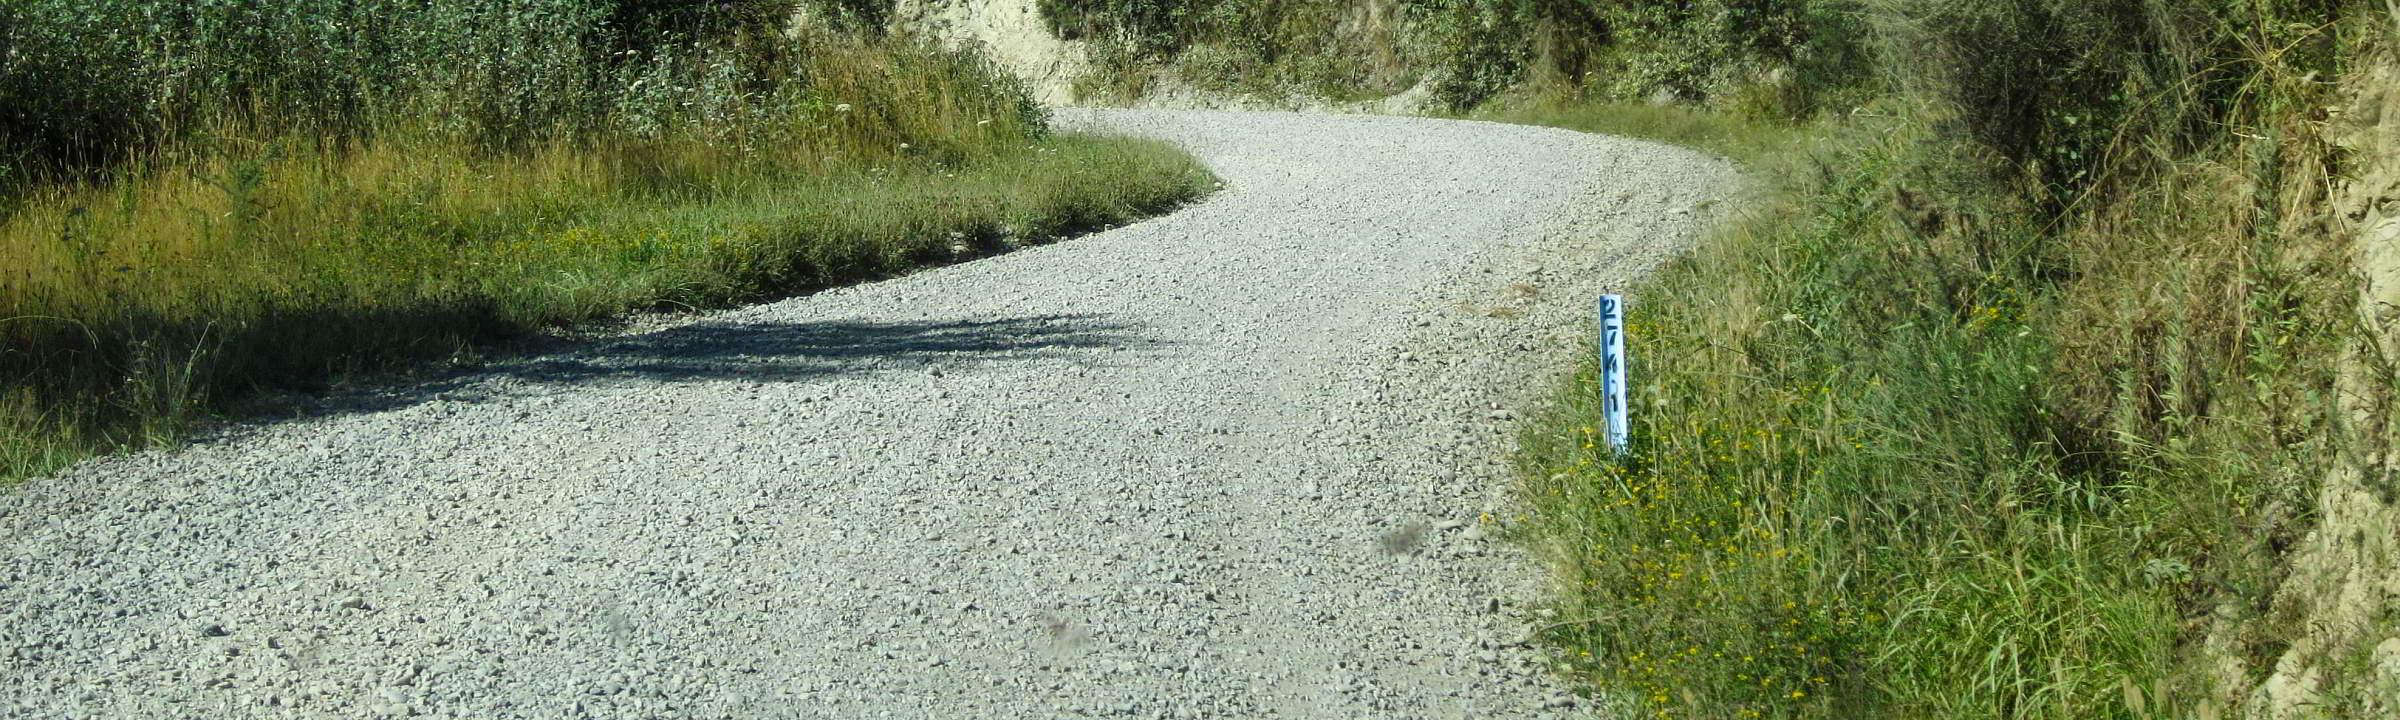 Gravel Road - Schotterpiste - auf Neuseeland